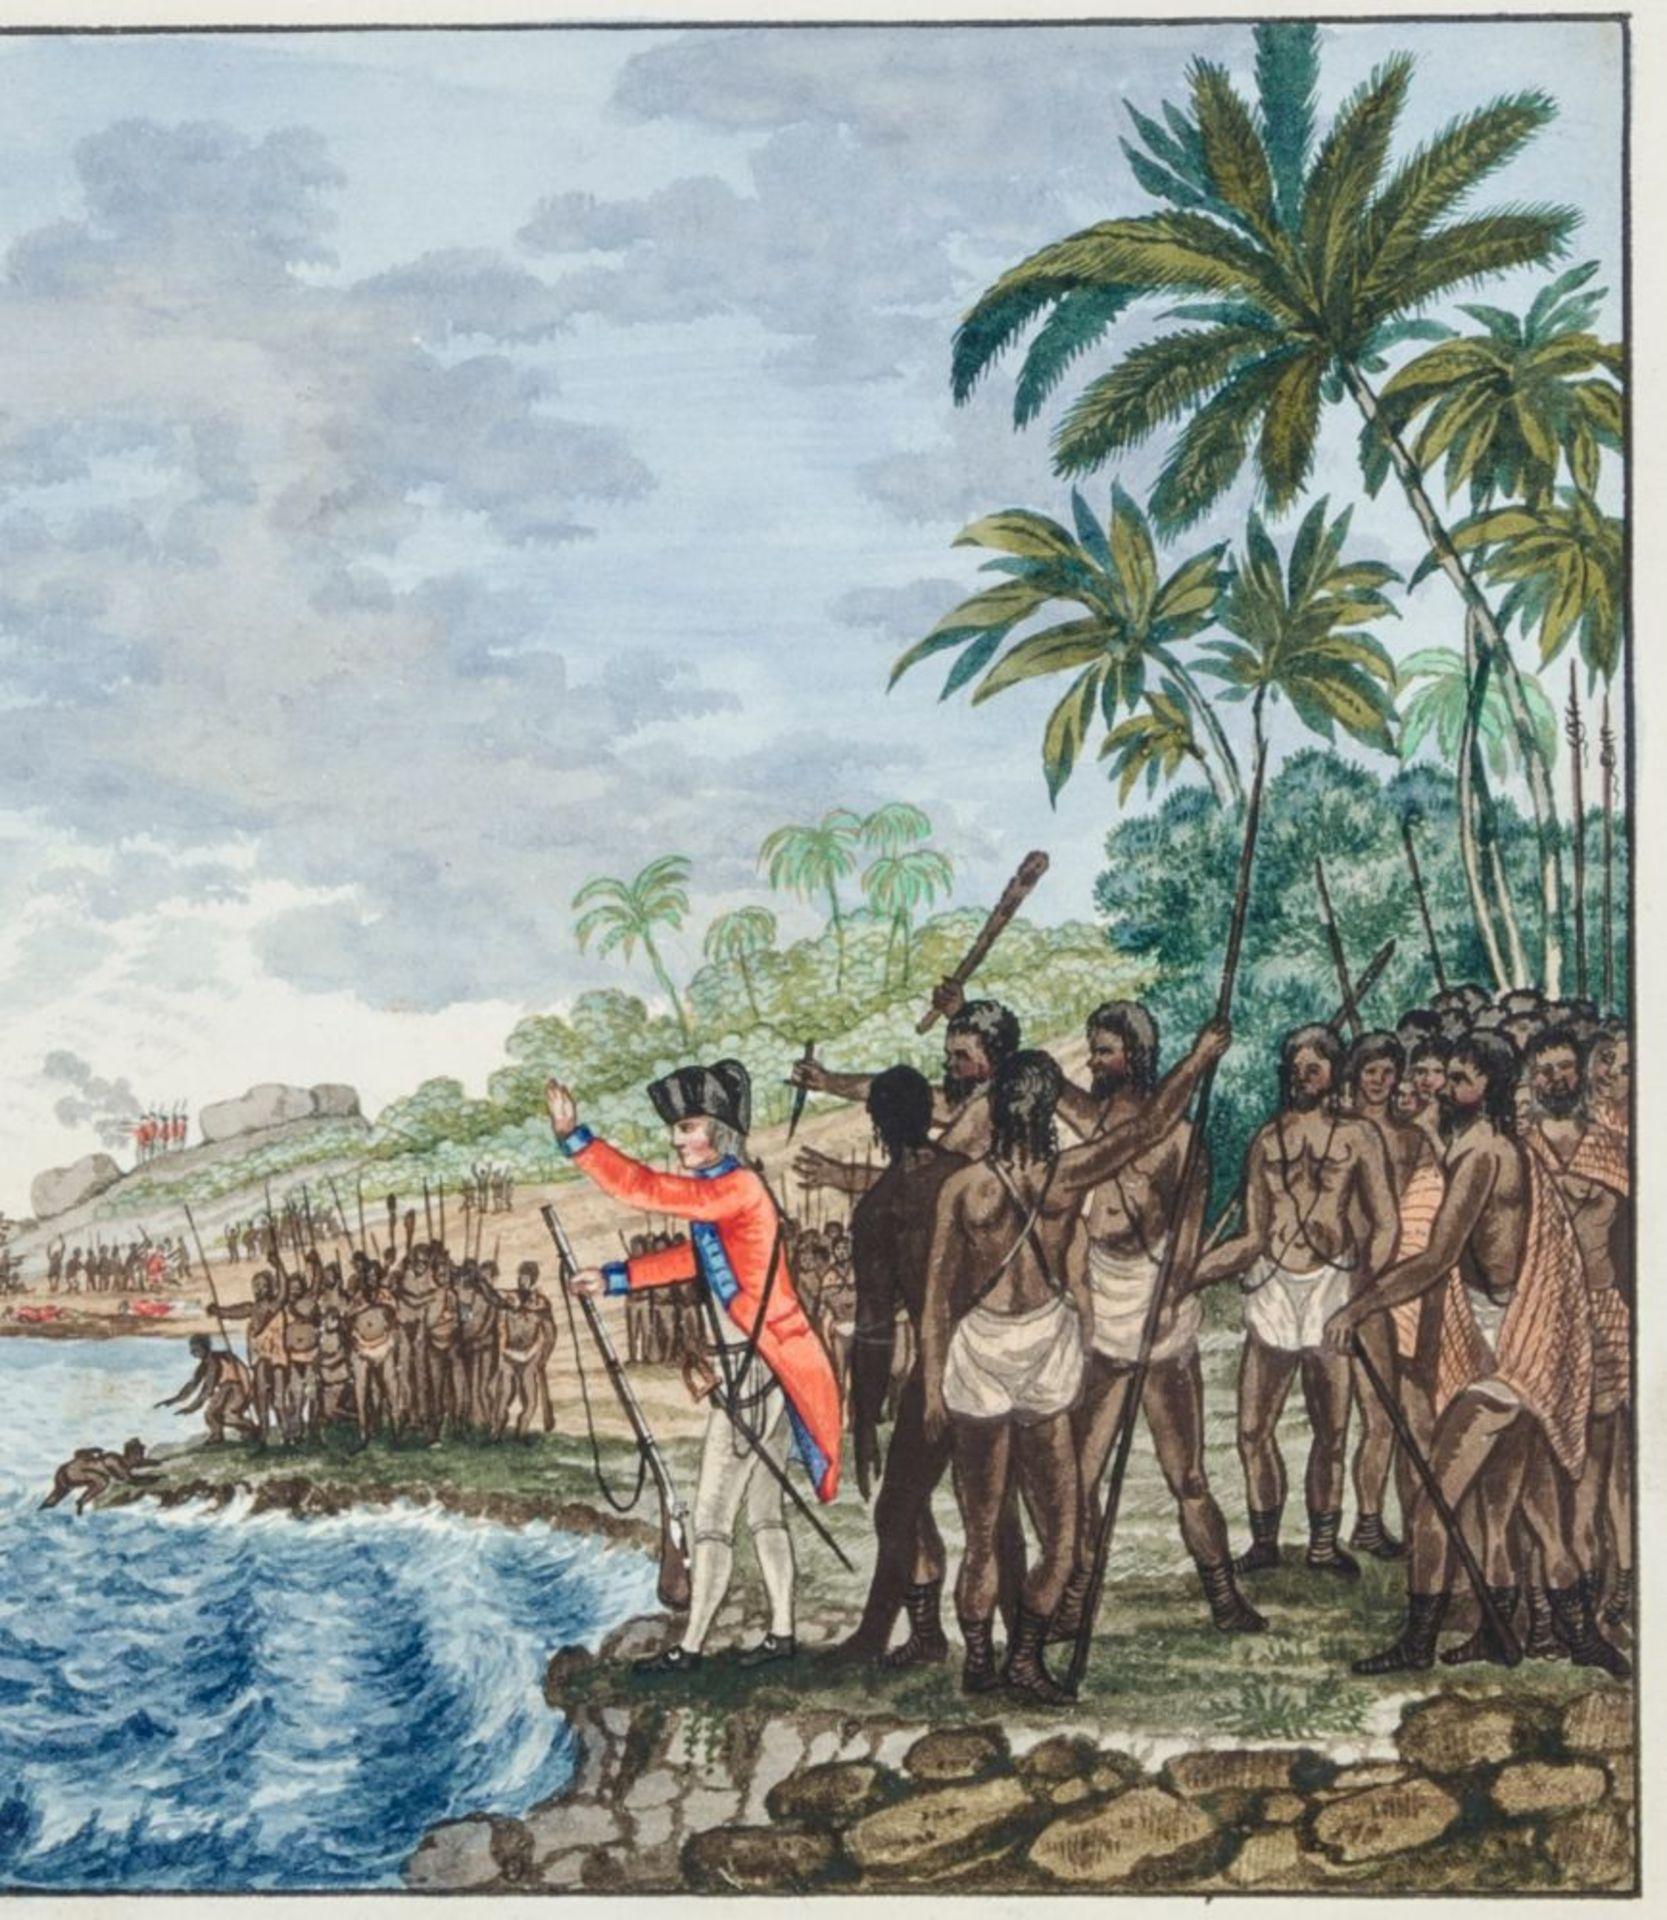 Australien und Ozeanien - - Richter, Franz nach John Webber. Scitzirte Gemählde zu Jacob Cooks - Image 9 of 10